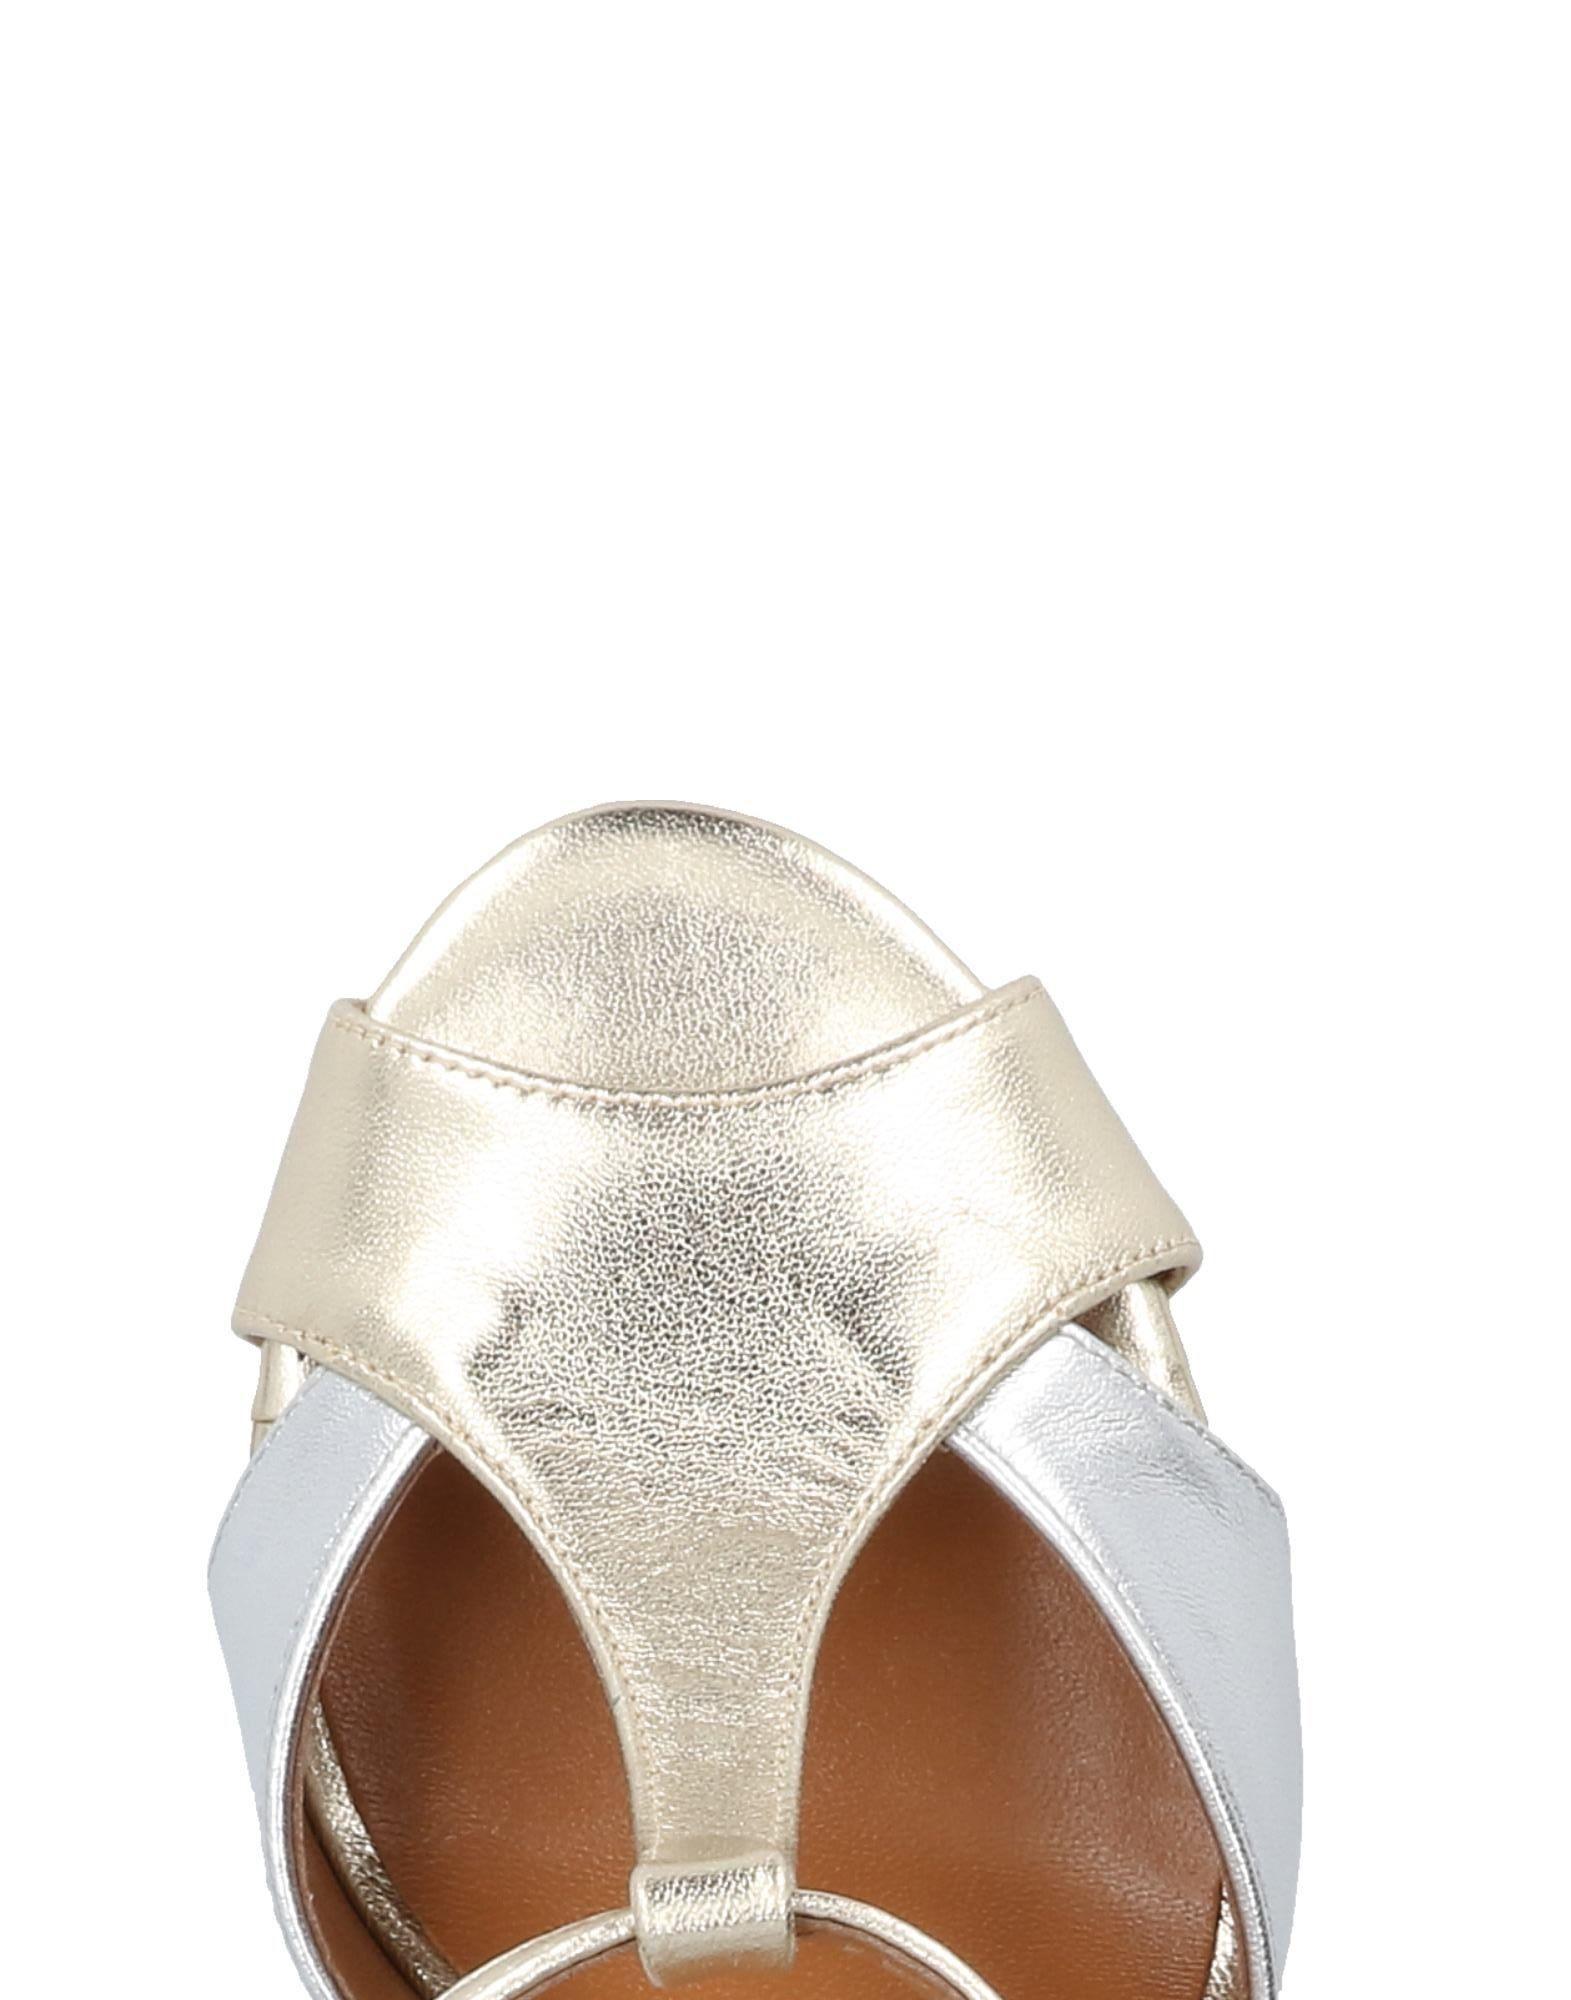 Bagatt Sandalen Damen  11429377EX Gute Qualität beliebte Schuhe Schuhe Schuhe 5d2556